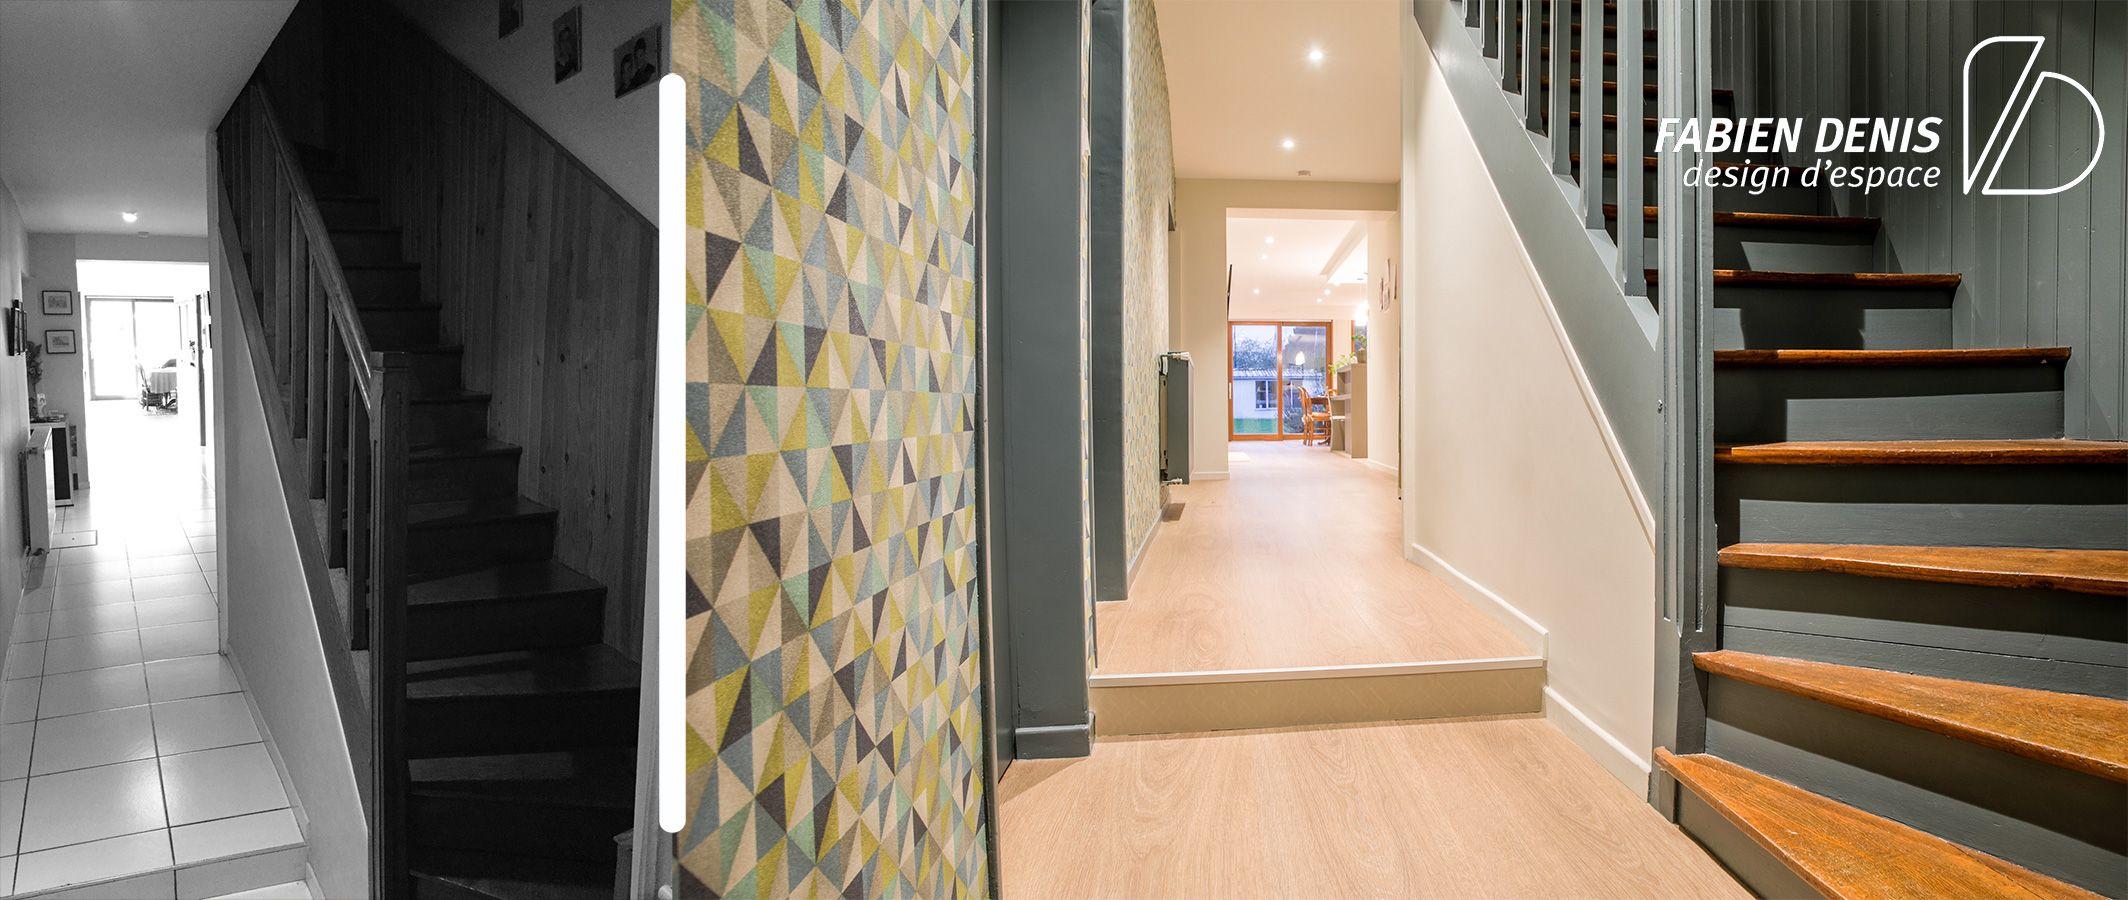 Peinture Sur Papier Peint Existant rénovation et design d'une maison   maison, escalier, design